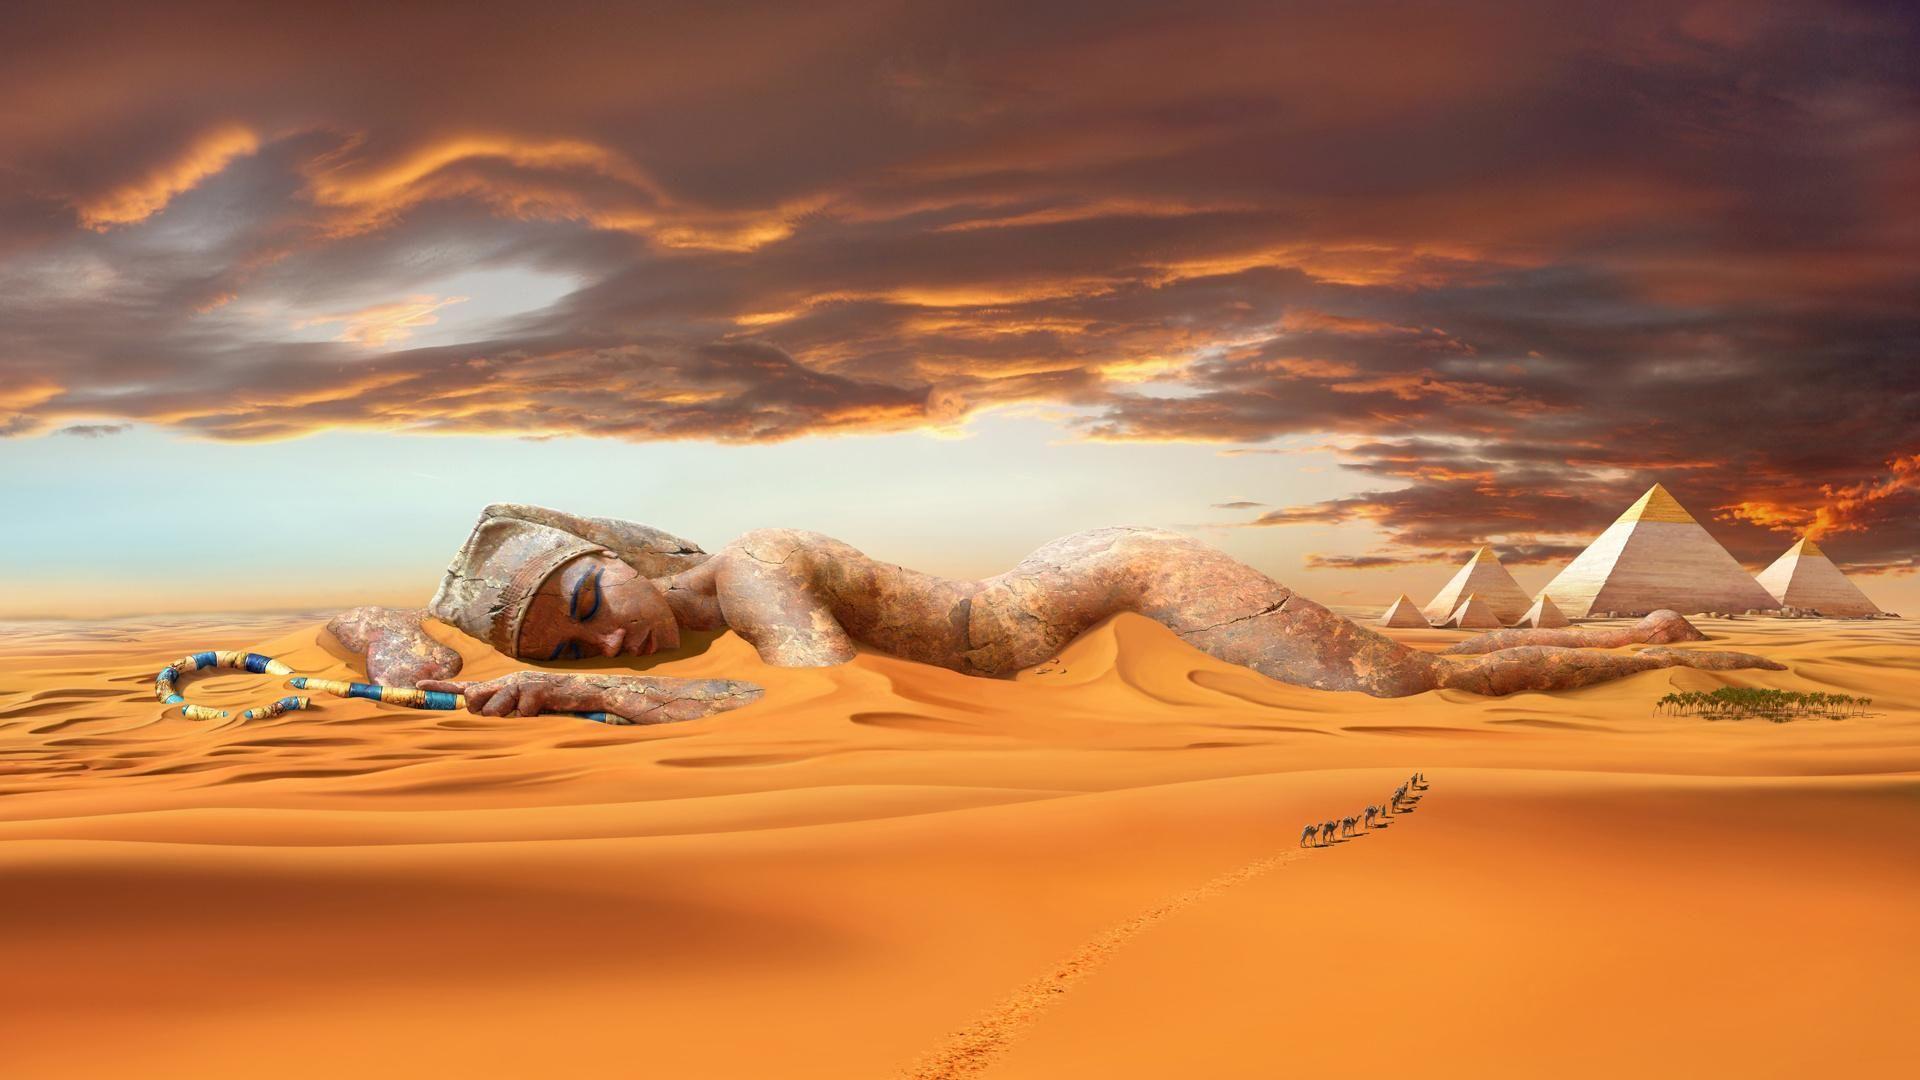 Desert Free High Quality Windows Theme Egypt Egypt Wallpaper World Of Fantasy